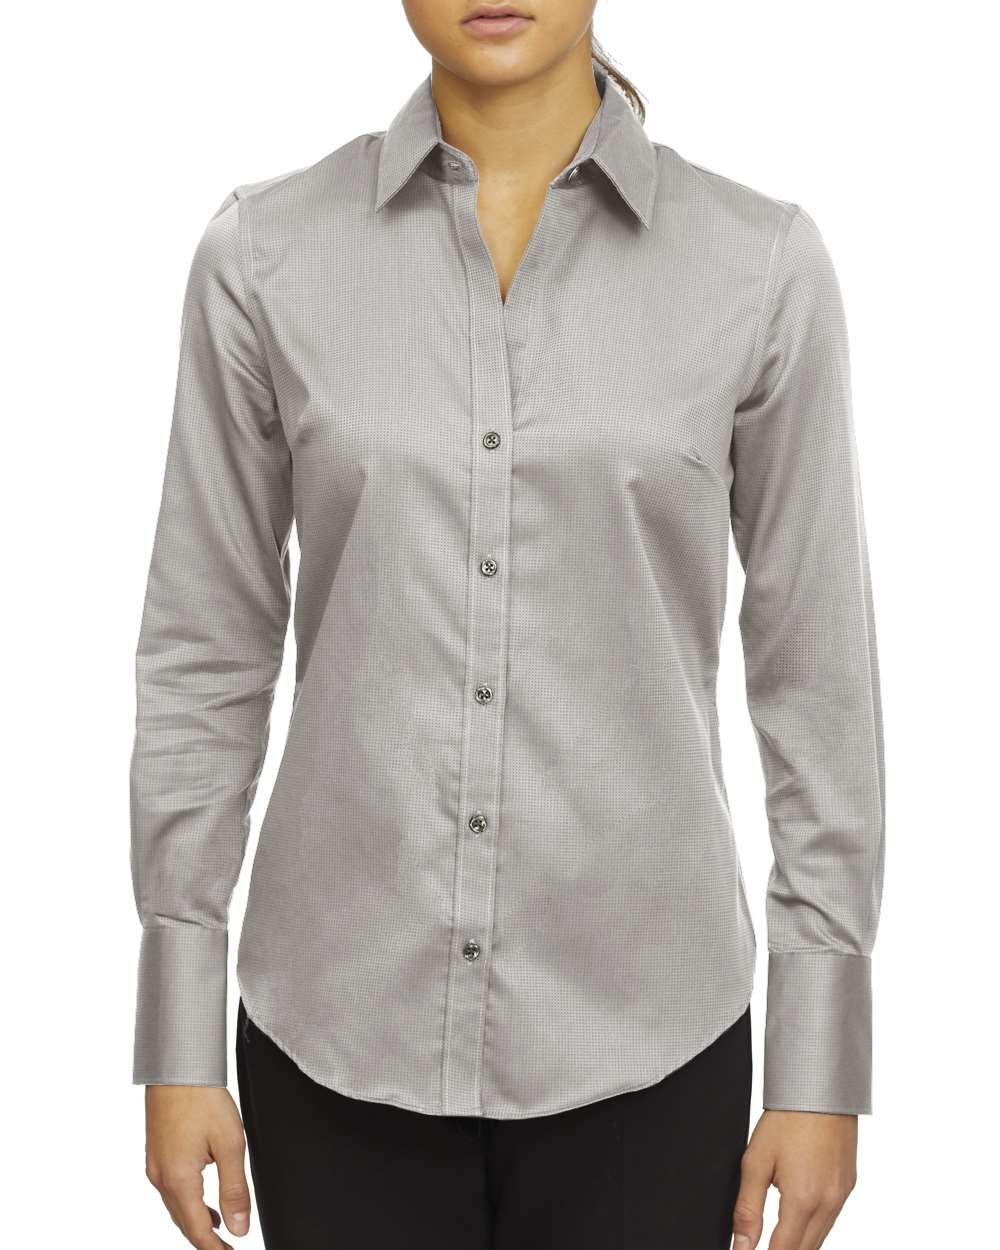 Picture of Calvin Klein Women's Non-Iron Dobby Shirt